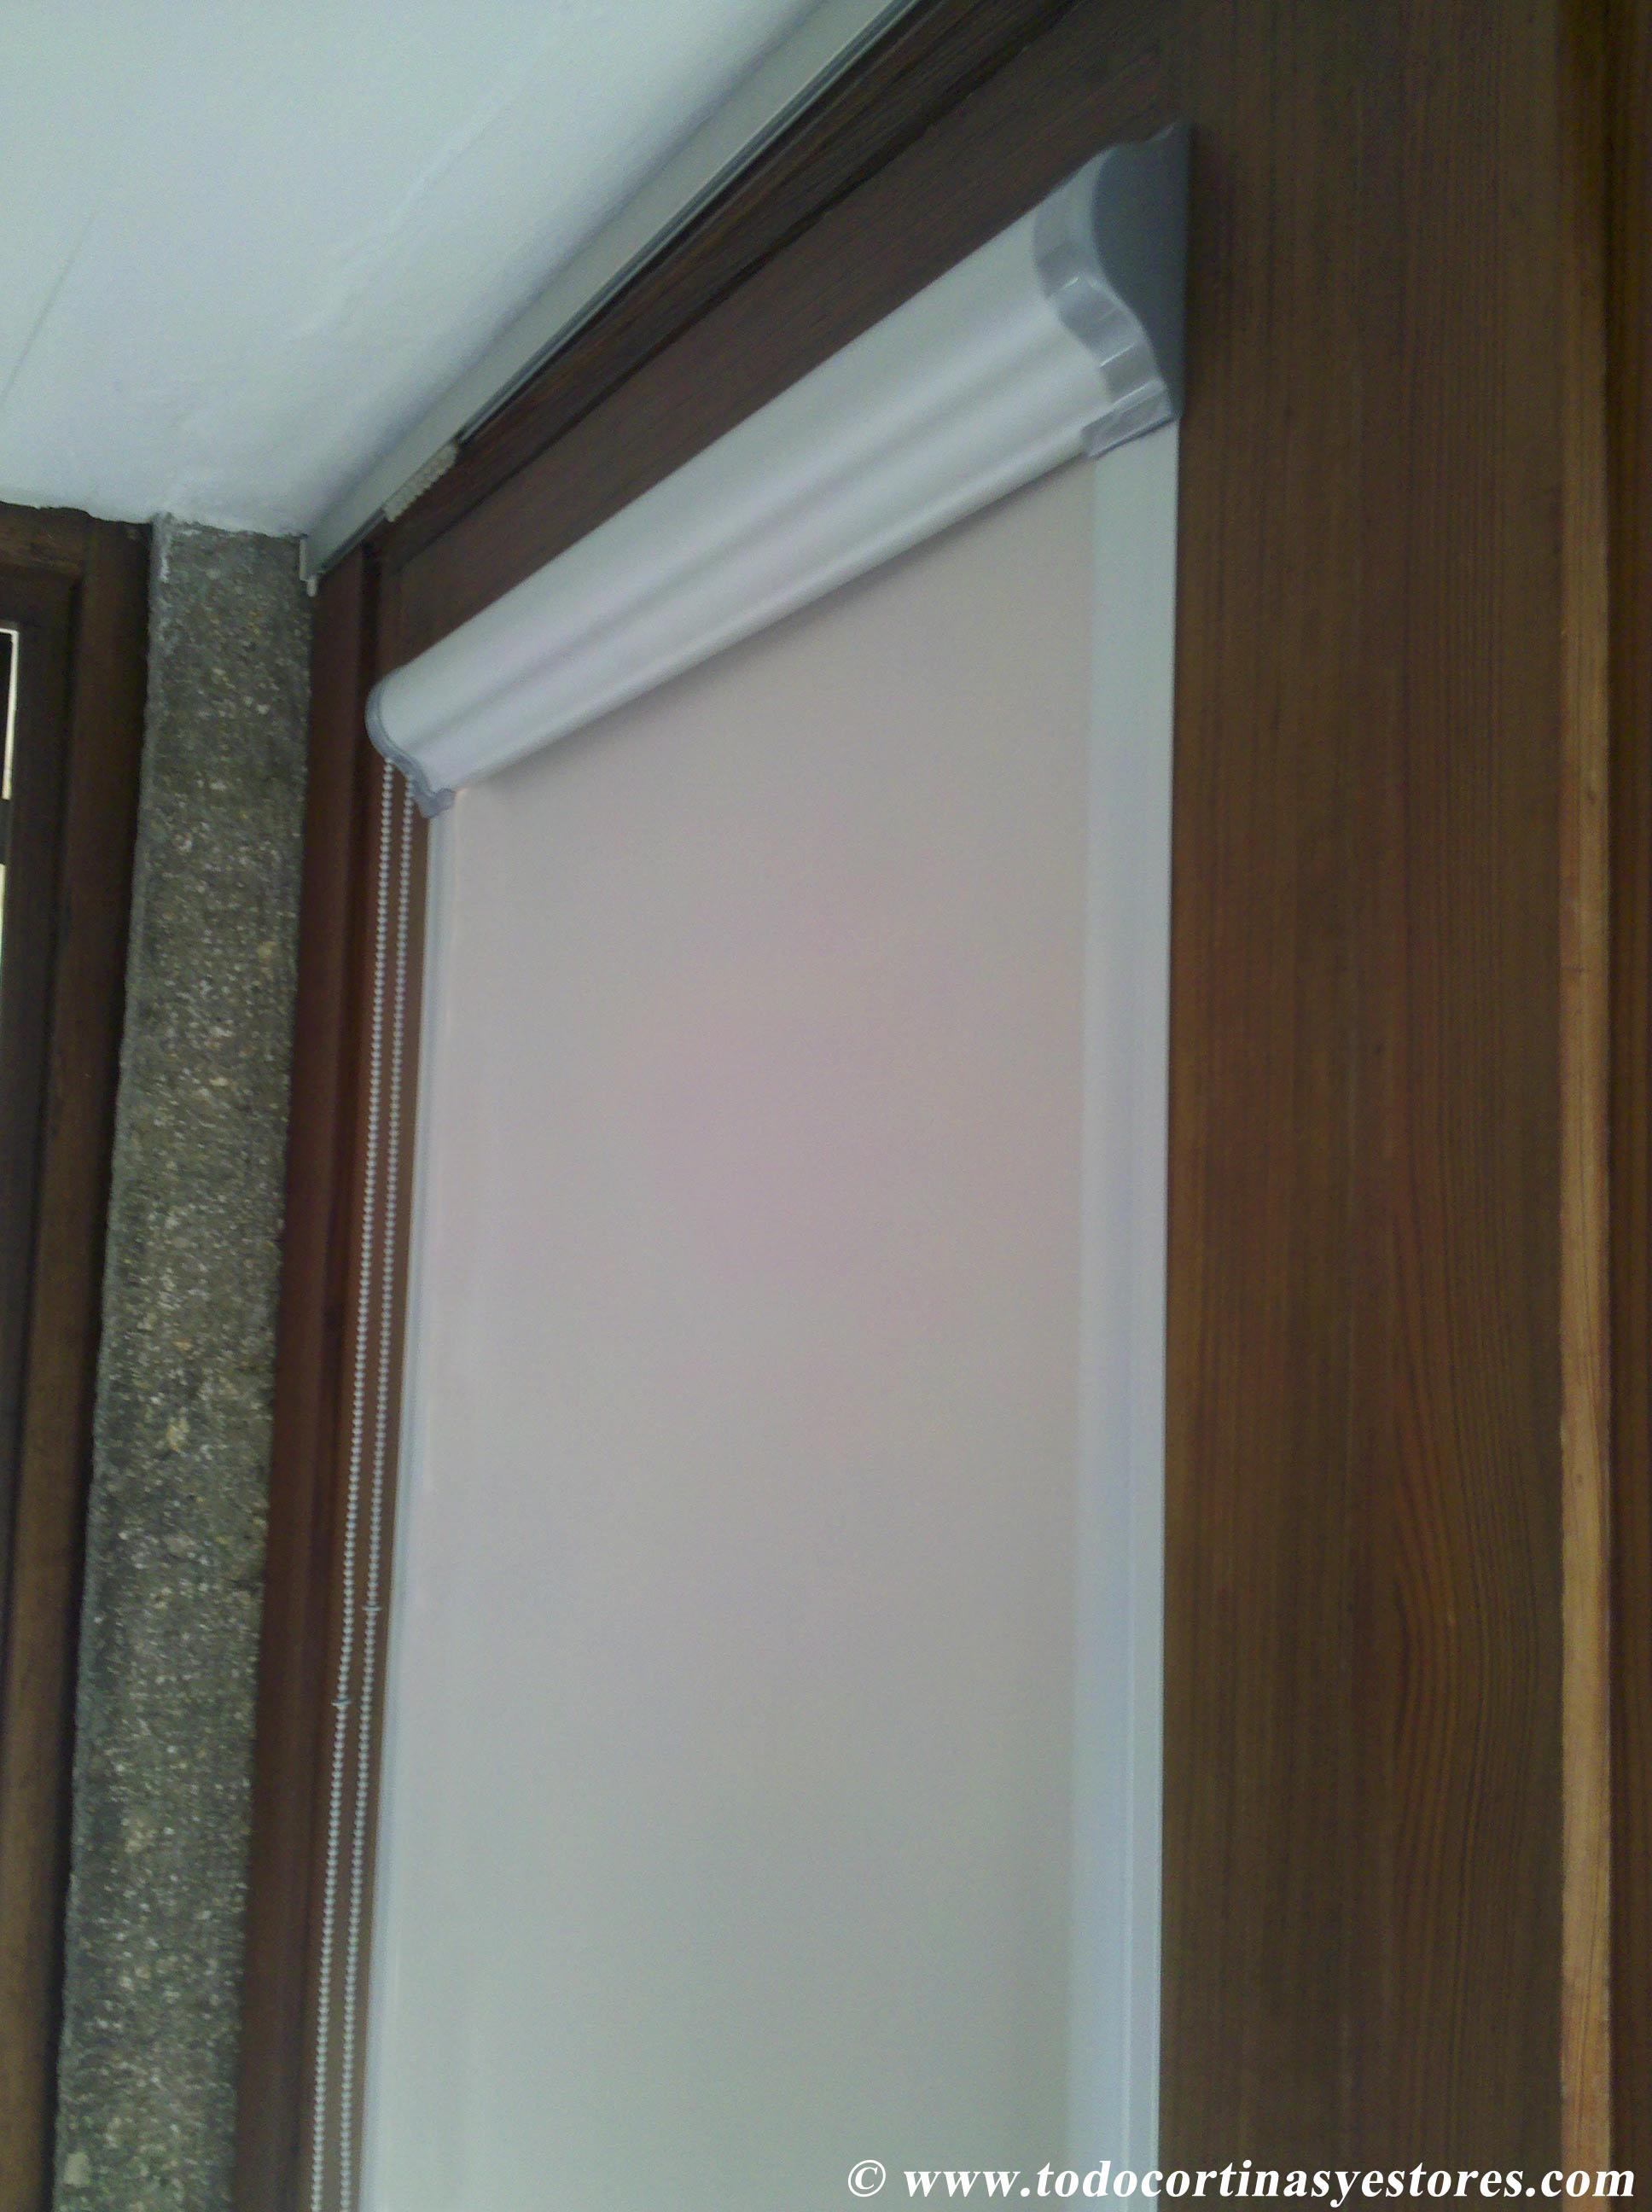 Estores guiados opacos para ventanas y puertas abatibles